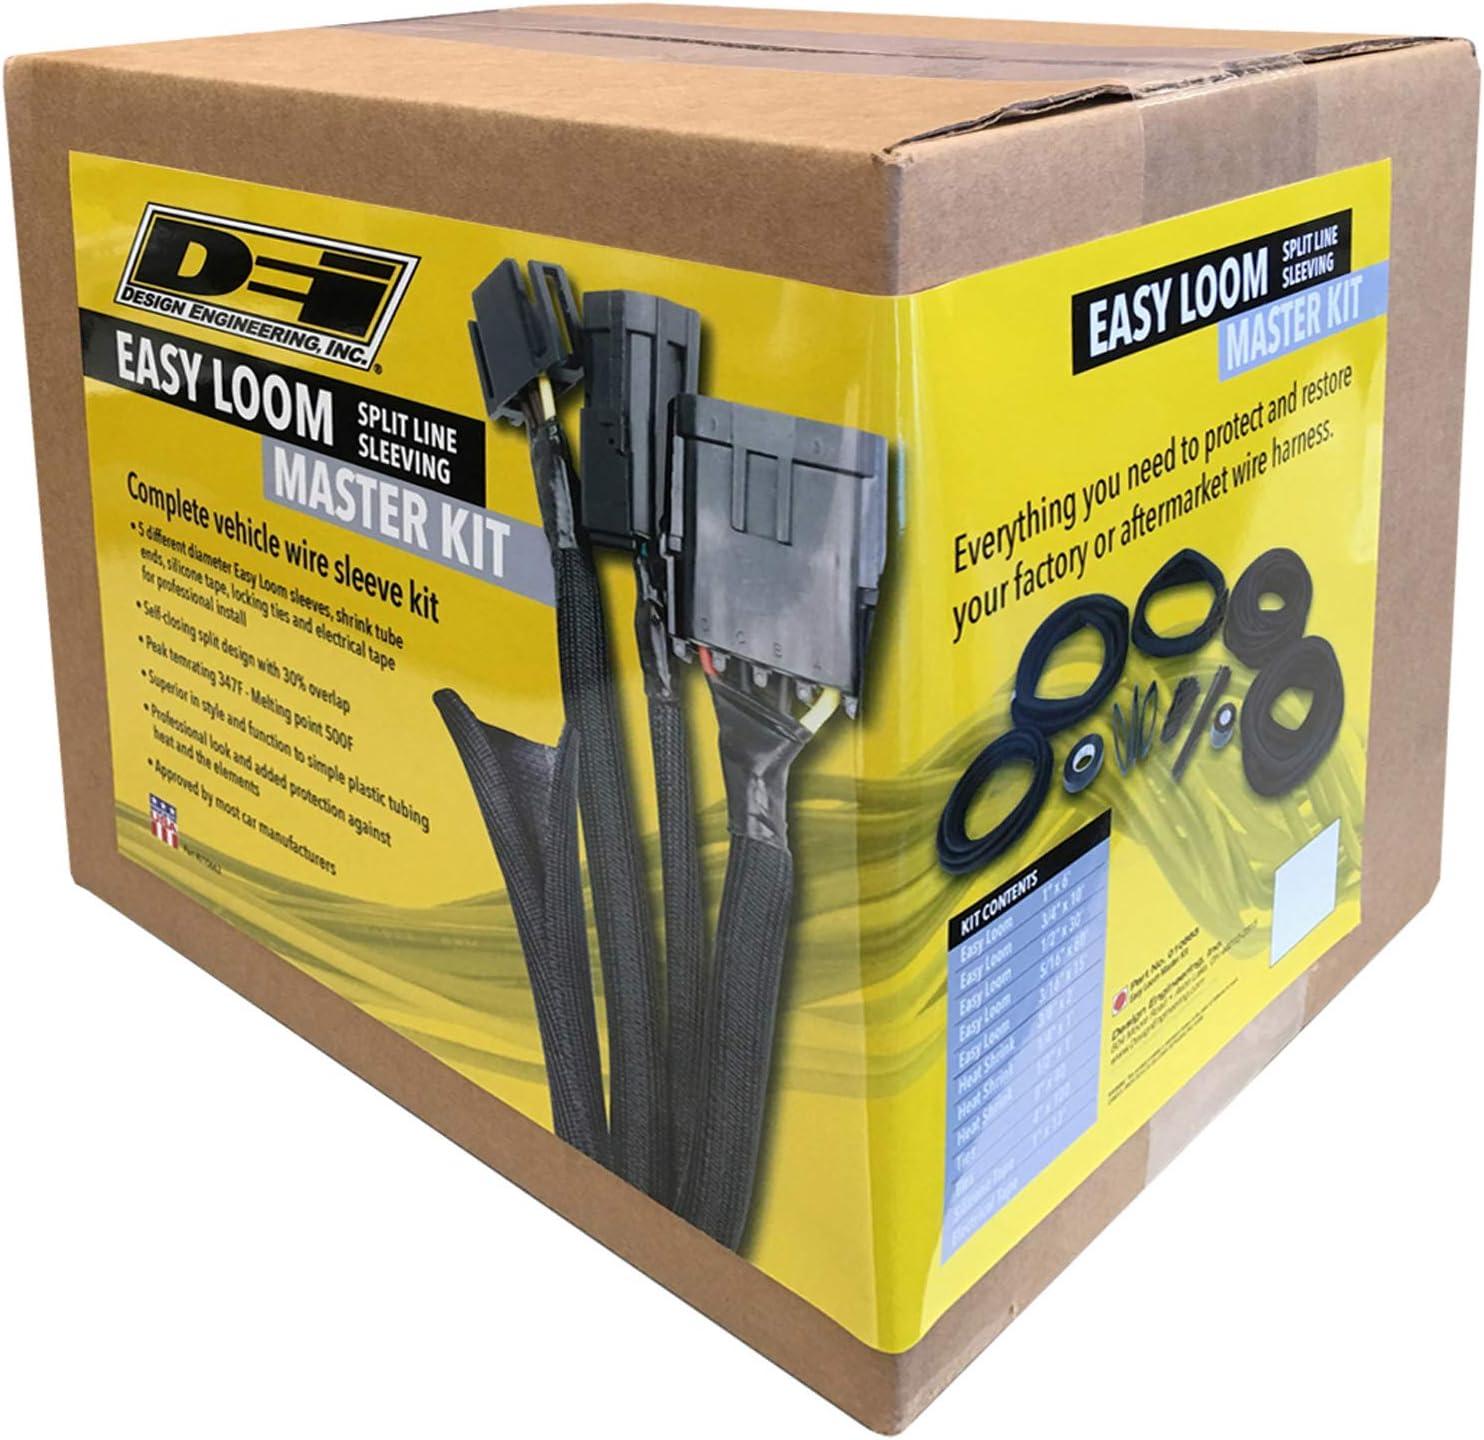 Design Engineering 010651 Easy Loom Split Wire Sleeve